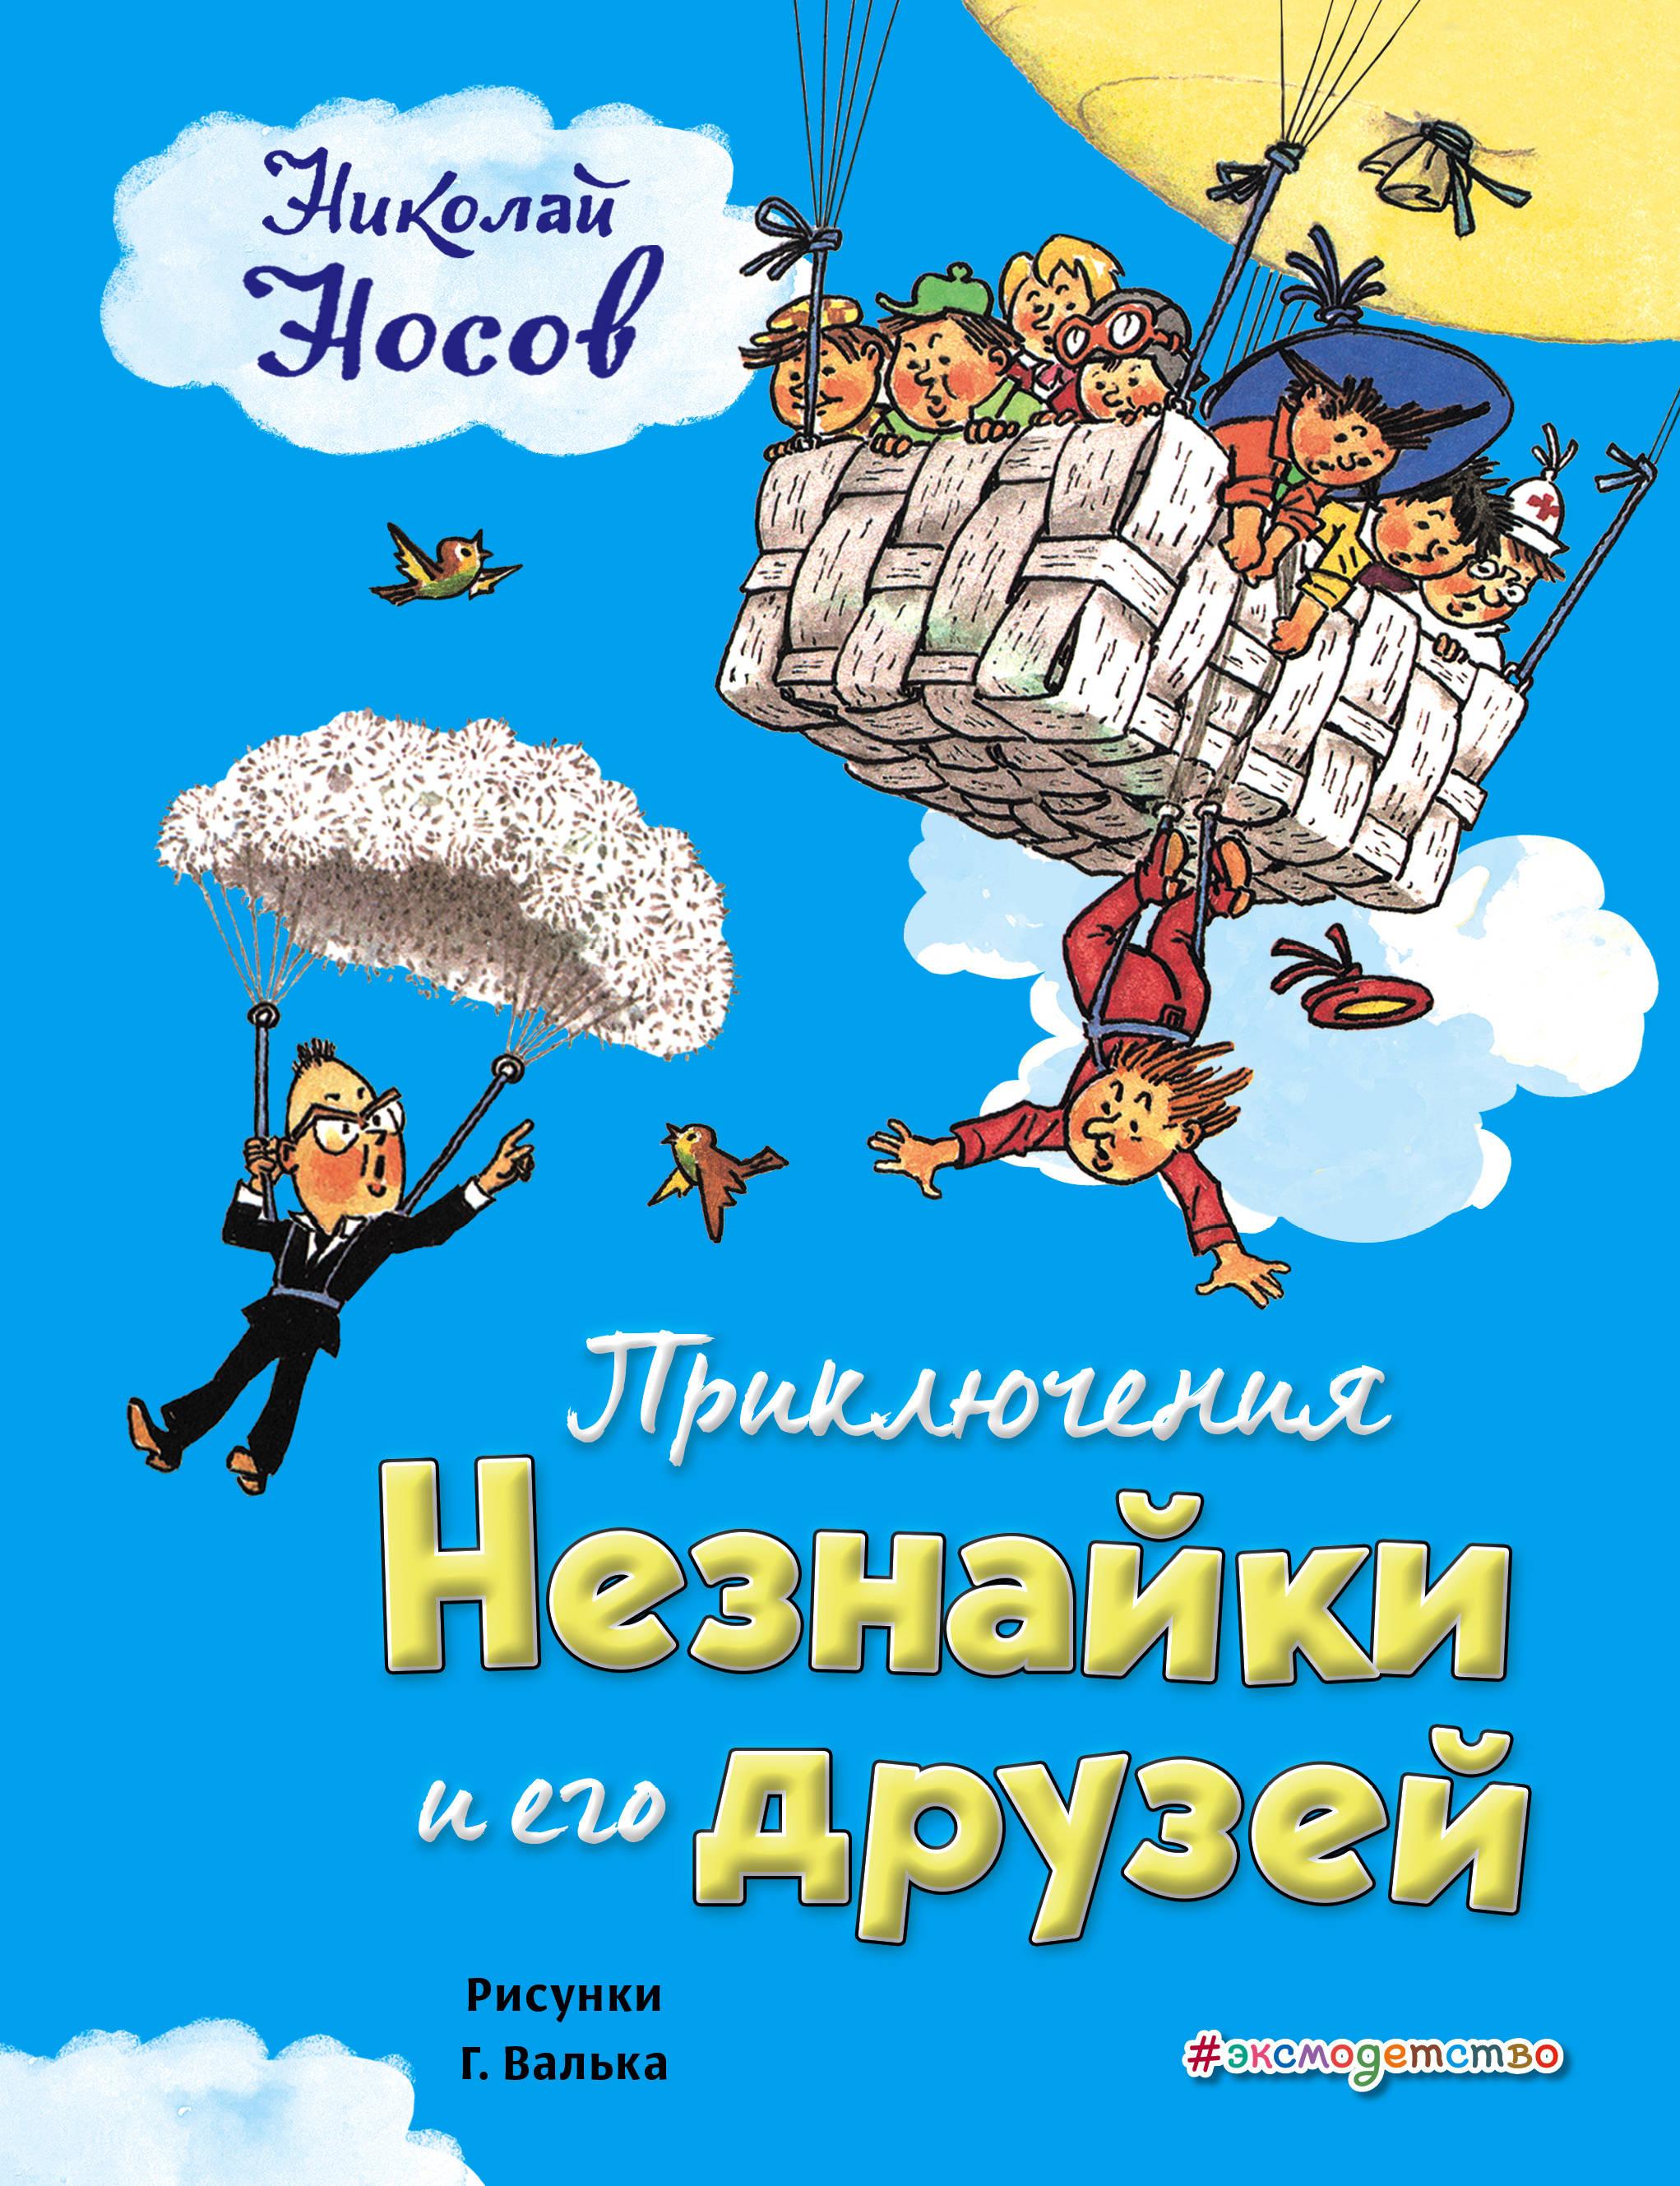 Приключения Незнайки и его друзей (ил. Г. Валька)